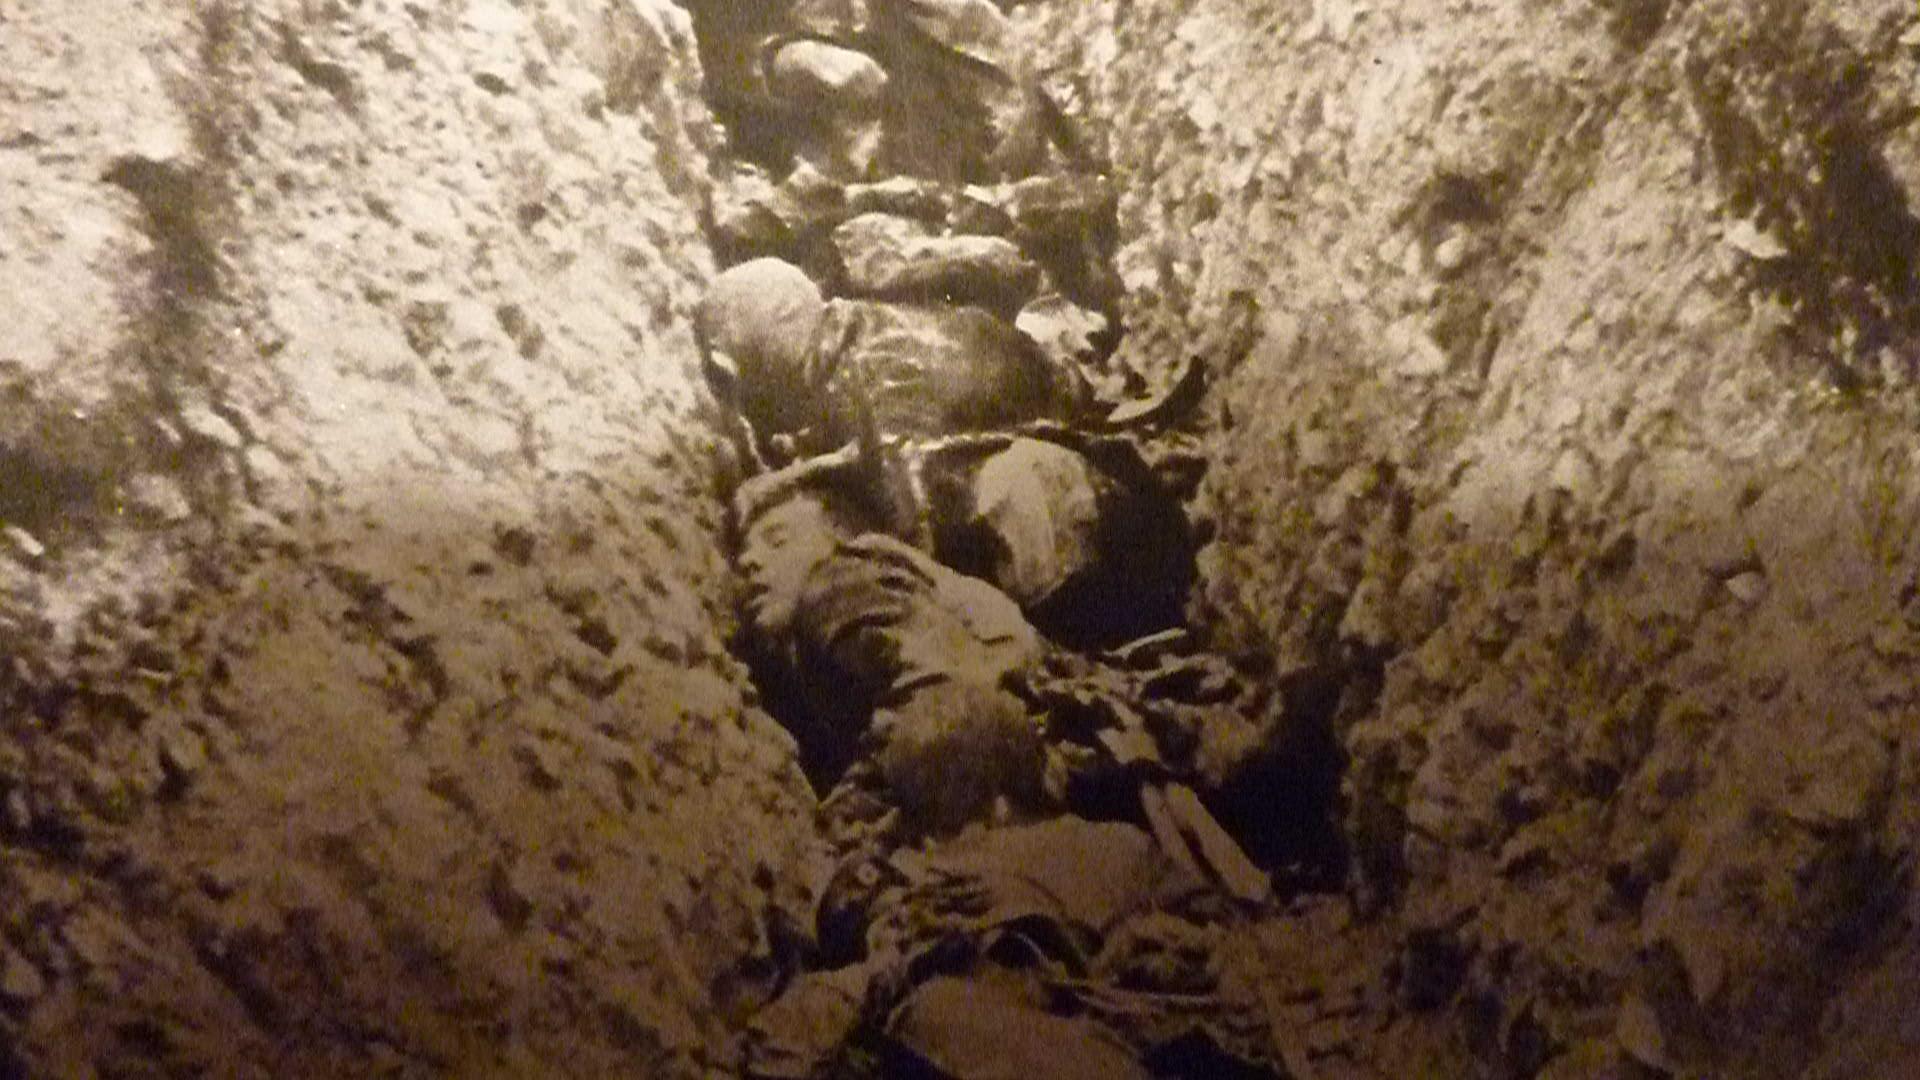 Un soldat jamais disparu sur le front de l artois 30 for Miroir dans la boue